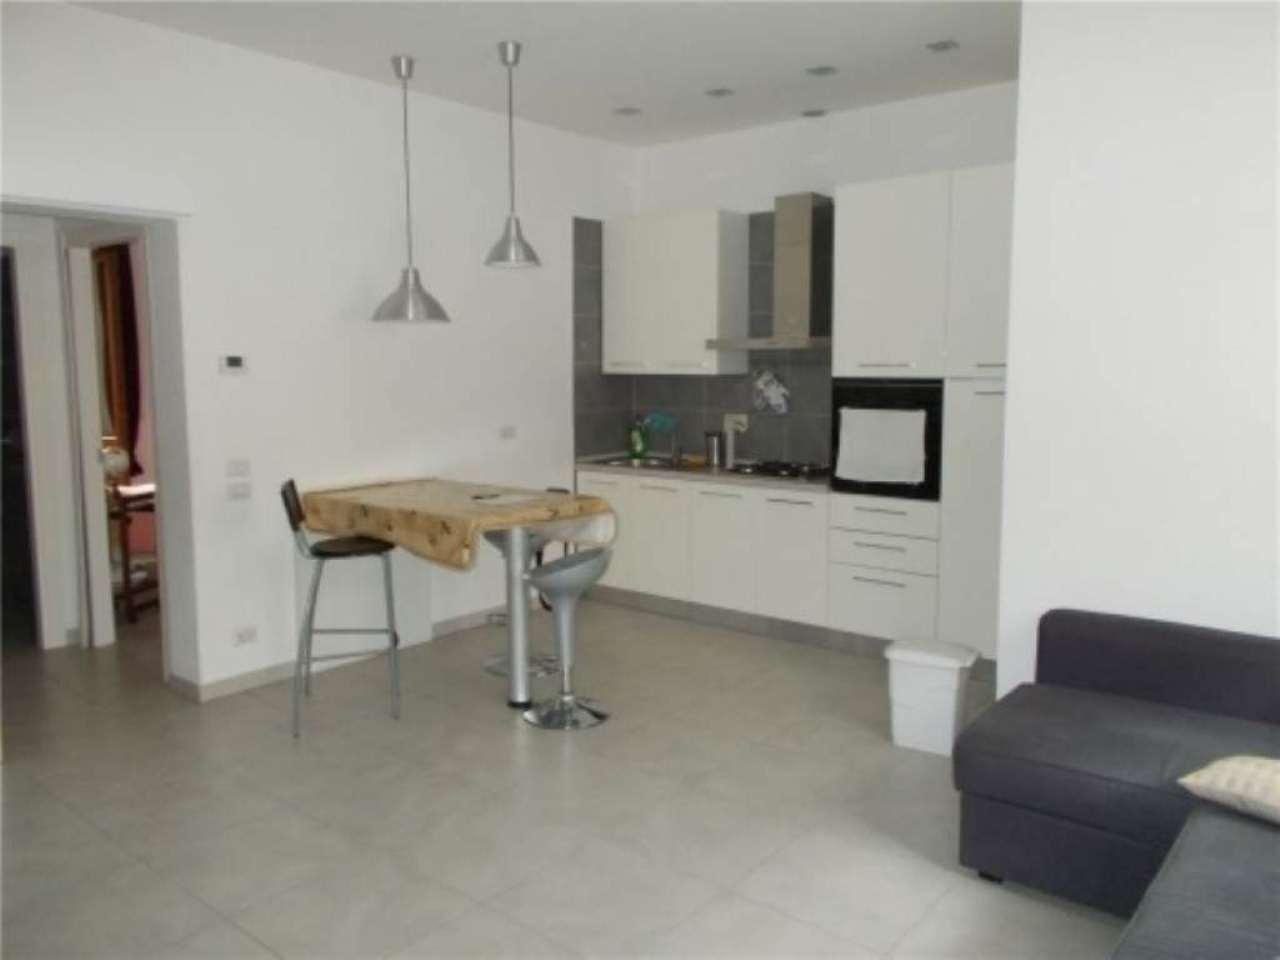 Appartamento in vendita a Scandicci, 2 locali, prezzo € 165.000 | Cambio Casa.it